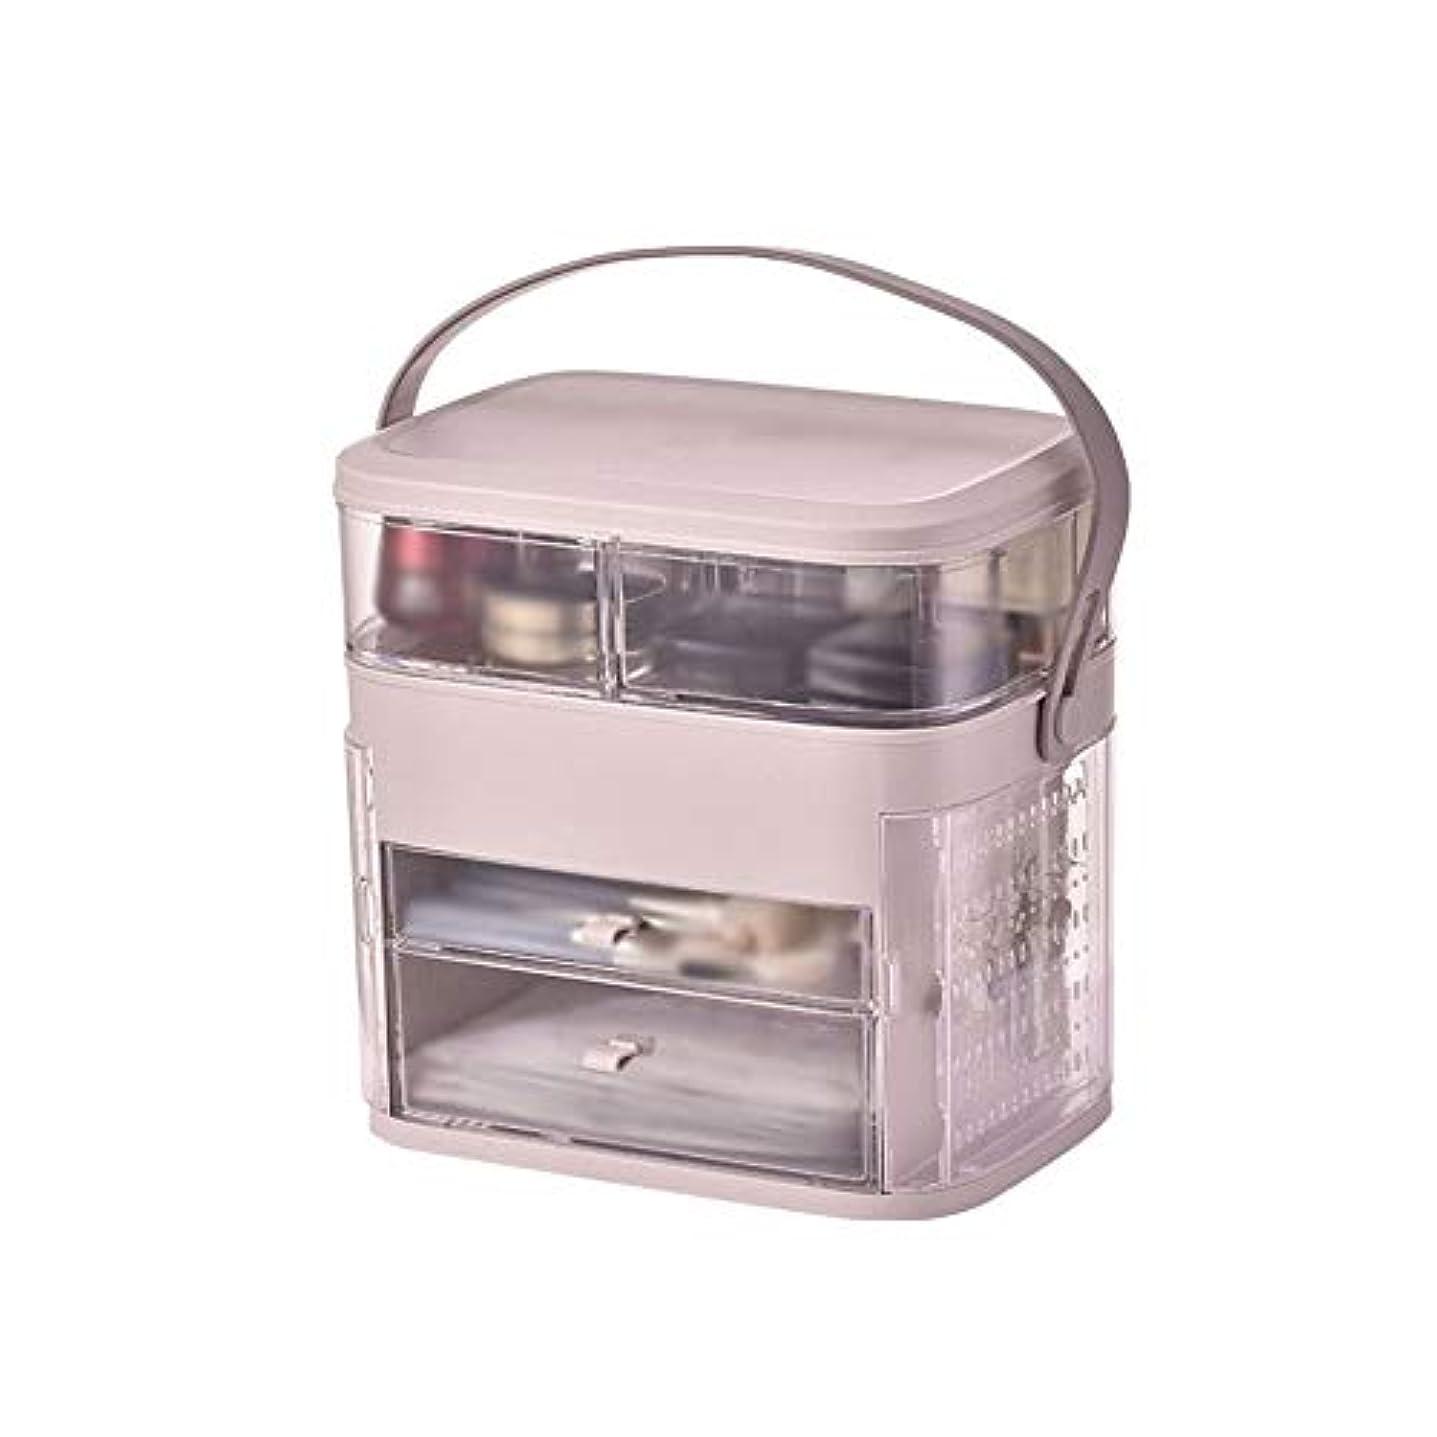 絡み合い一般的に言えば落ち着いてメイクボックス イヤリング収納 コスメボックス 化粧品収納ボックス スキンケア用品収納 洗面所 透明 手提げ付き 持ち運び 旅行 トラベル 大容量 シンプル ジュエリー収納 ホワイト ピンク